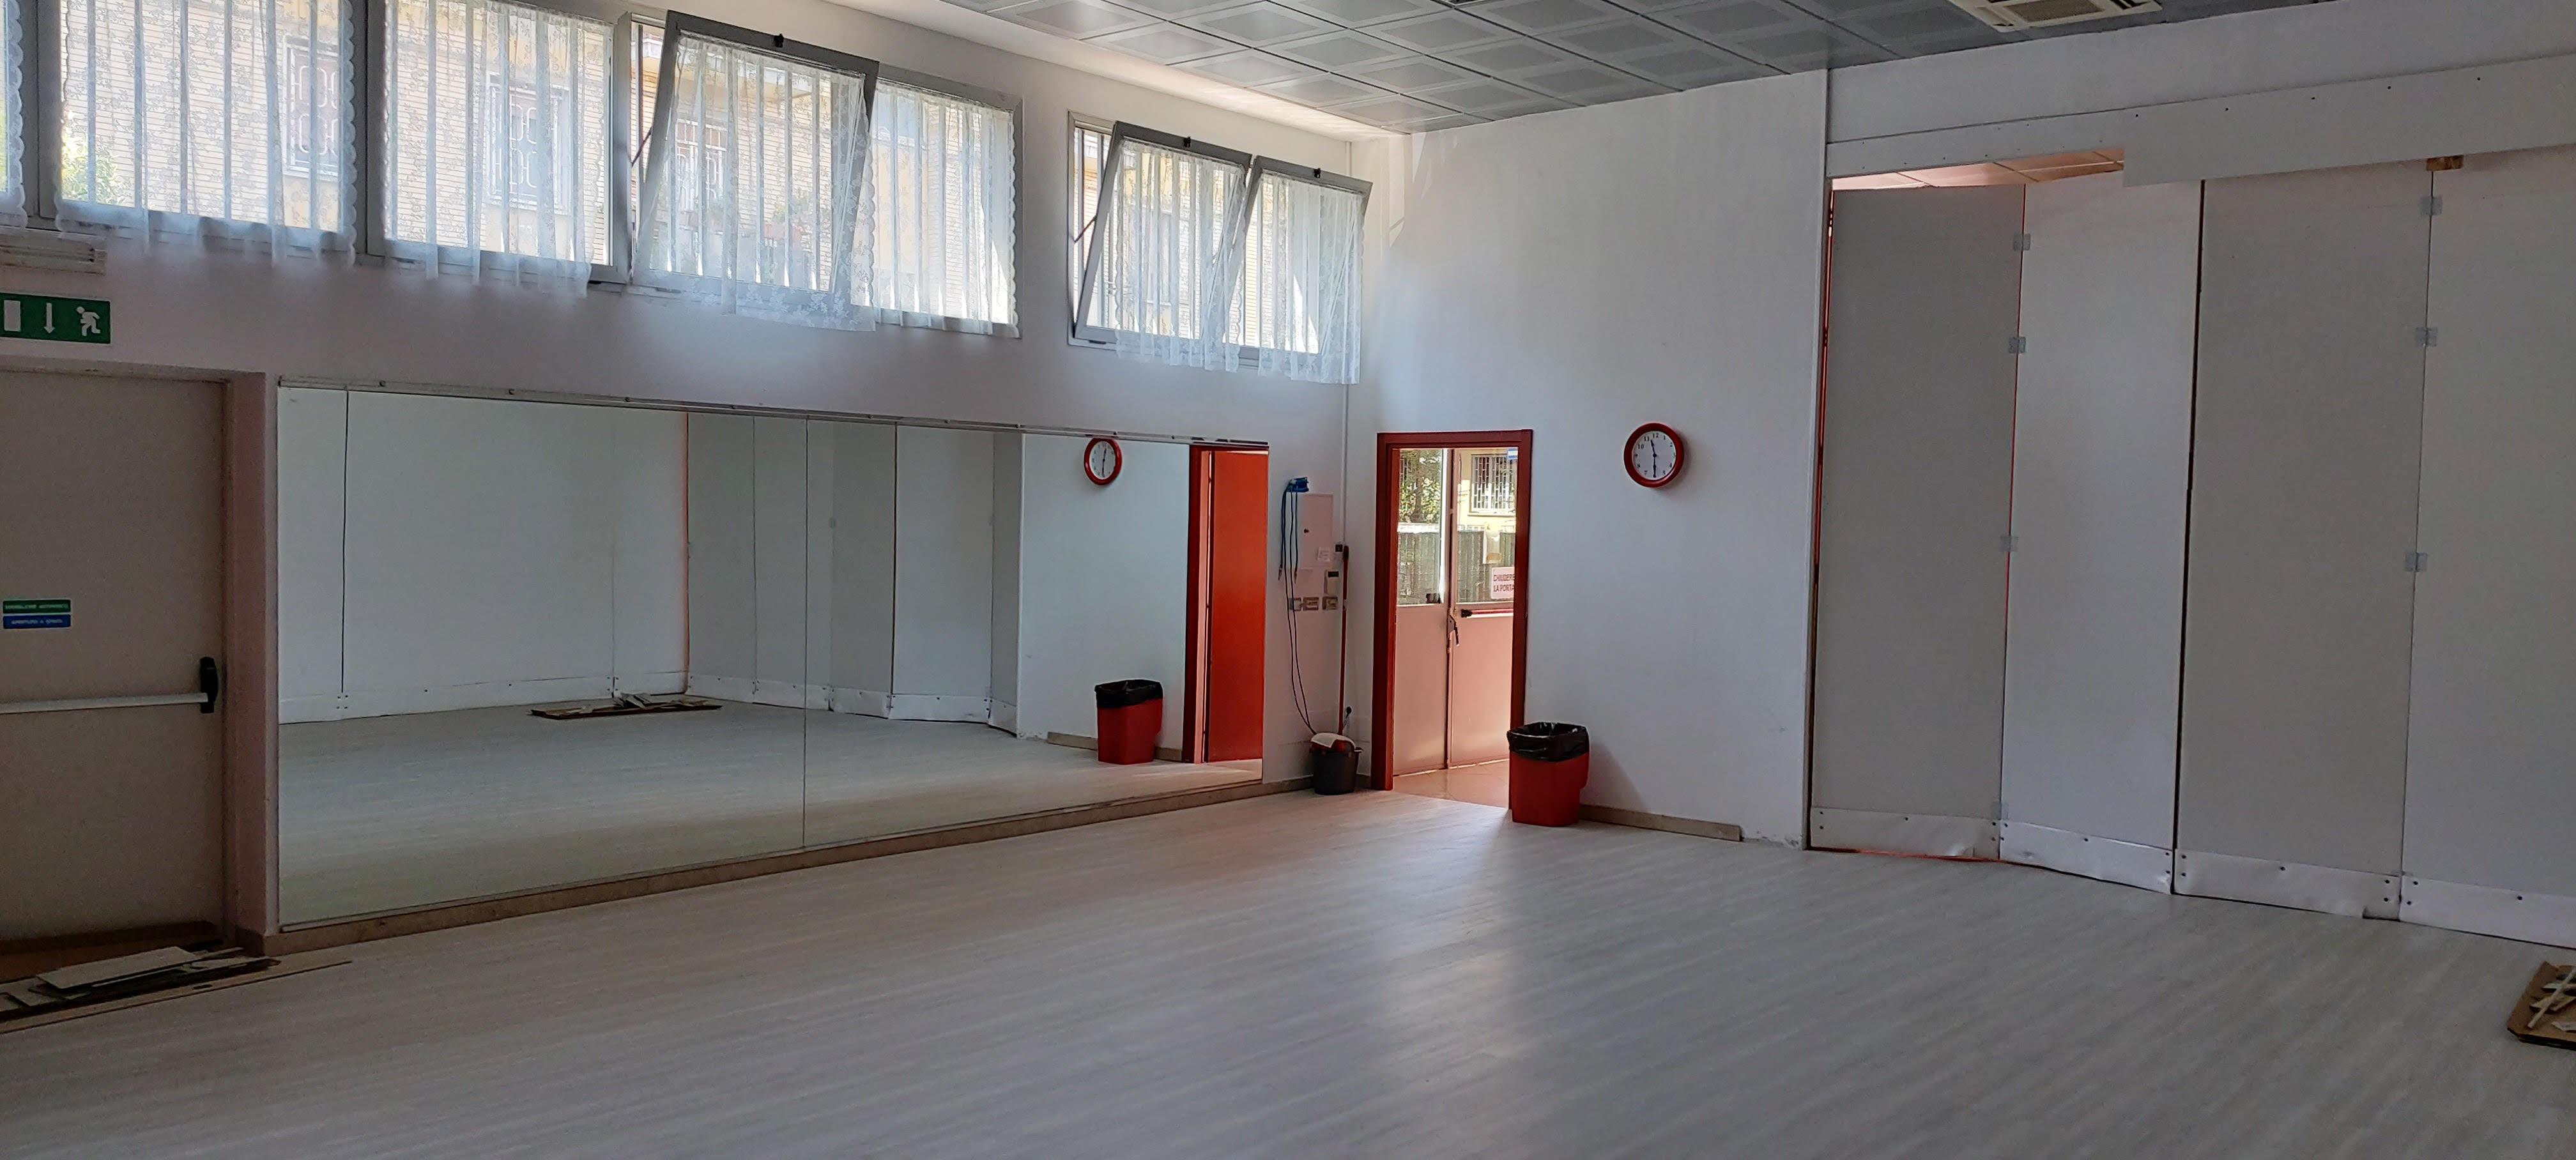 Sala Rossa Dance Studio 63 Scuola di Ballo a Bologna